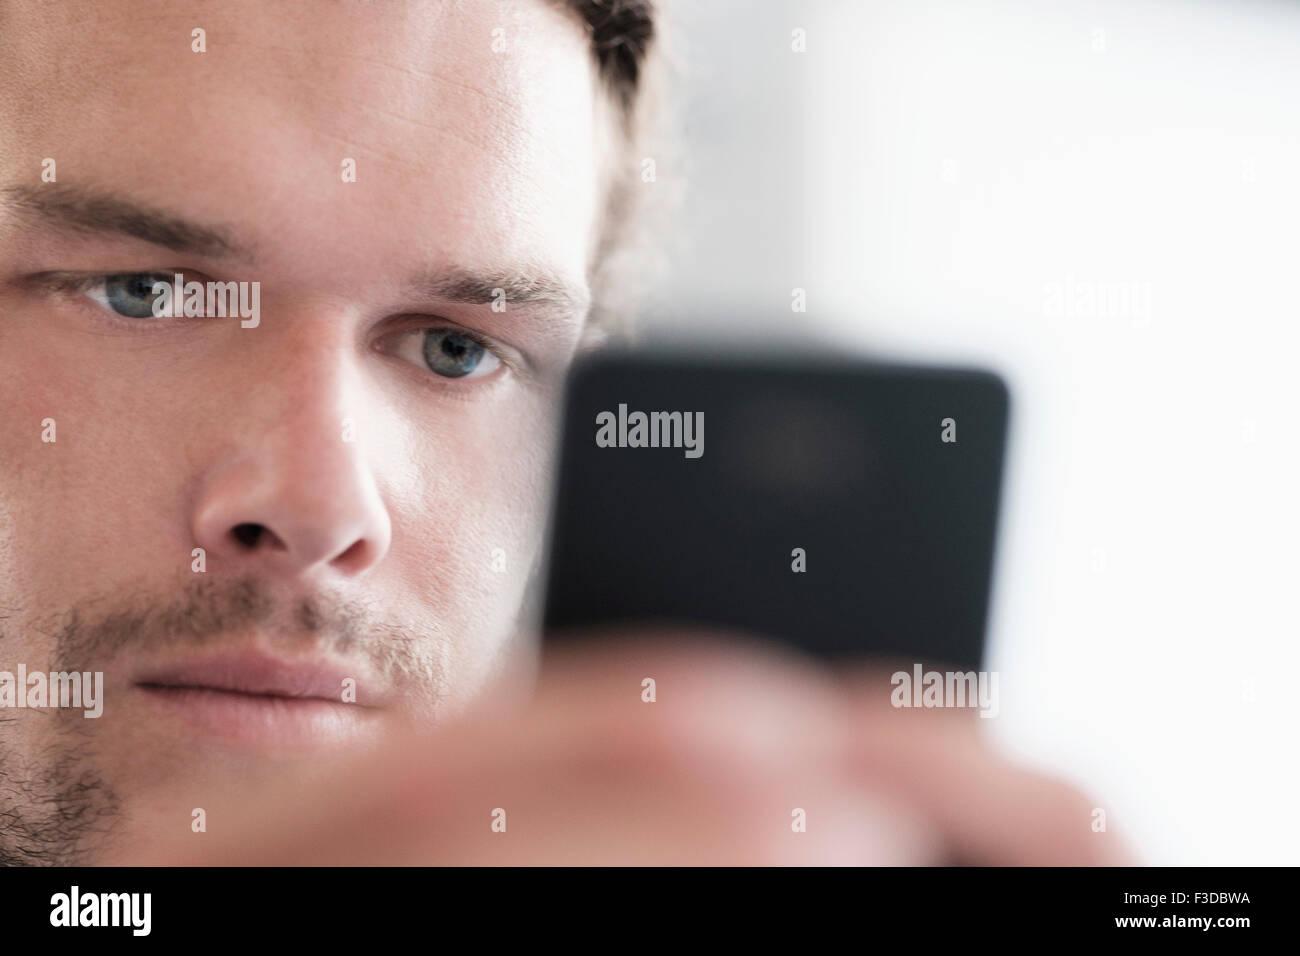 Cerca de la mitad-hombre adulto texting Imagen De Stock